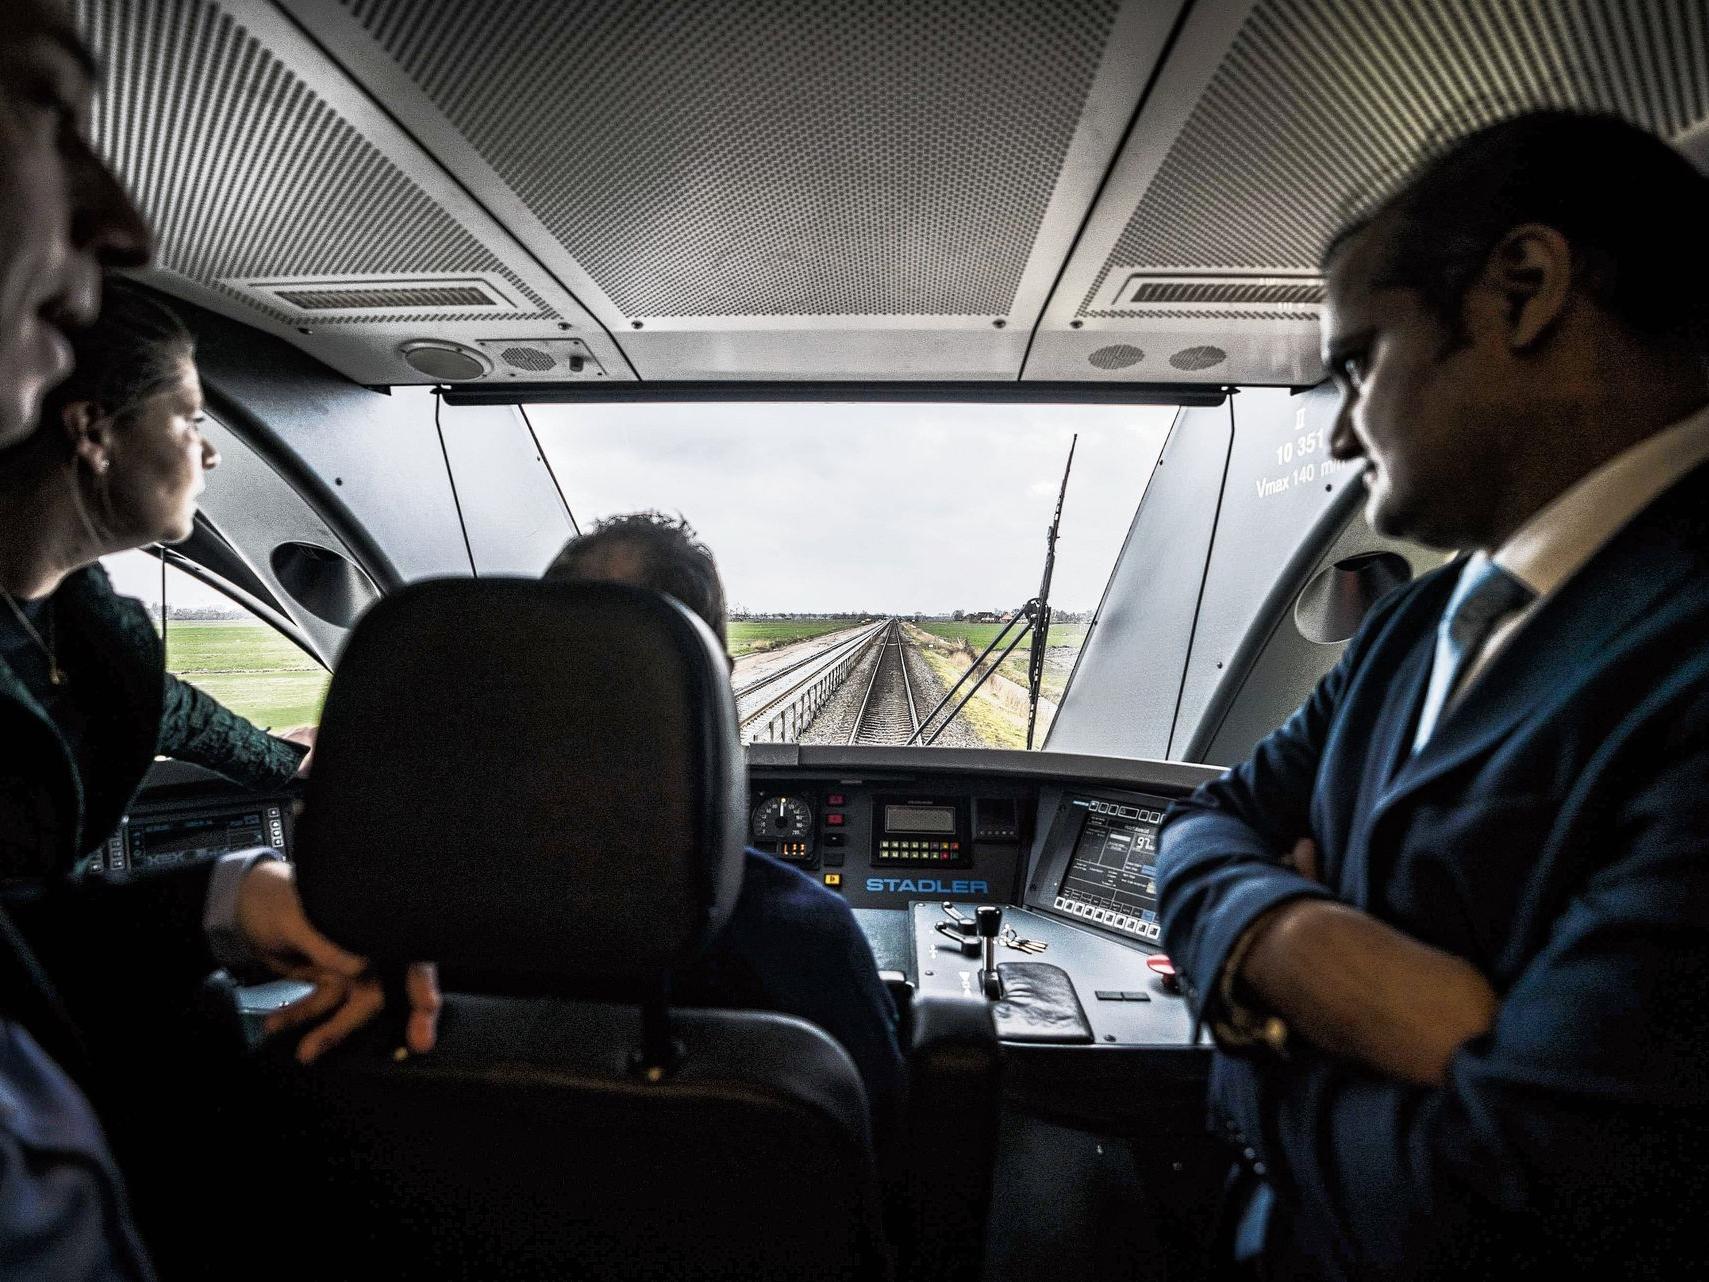 Een trein op de autopiloot rijdt stipter dan een reguliere